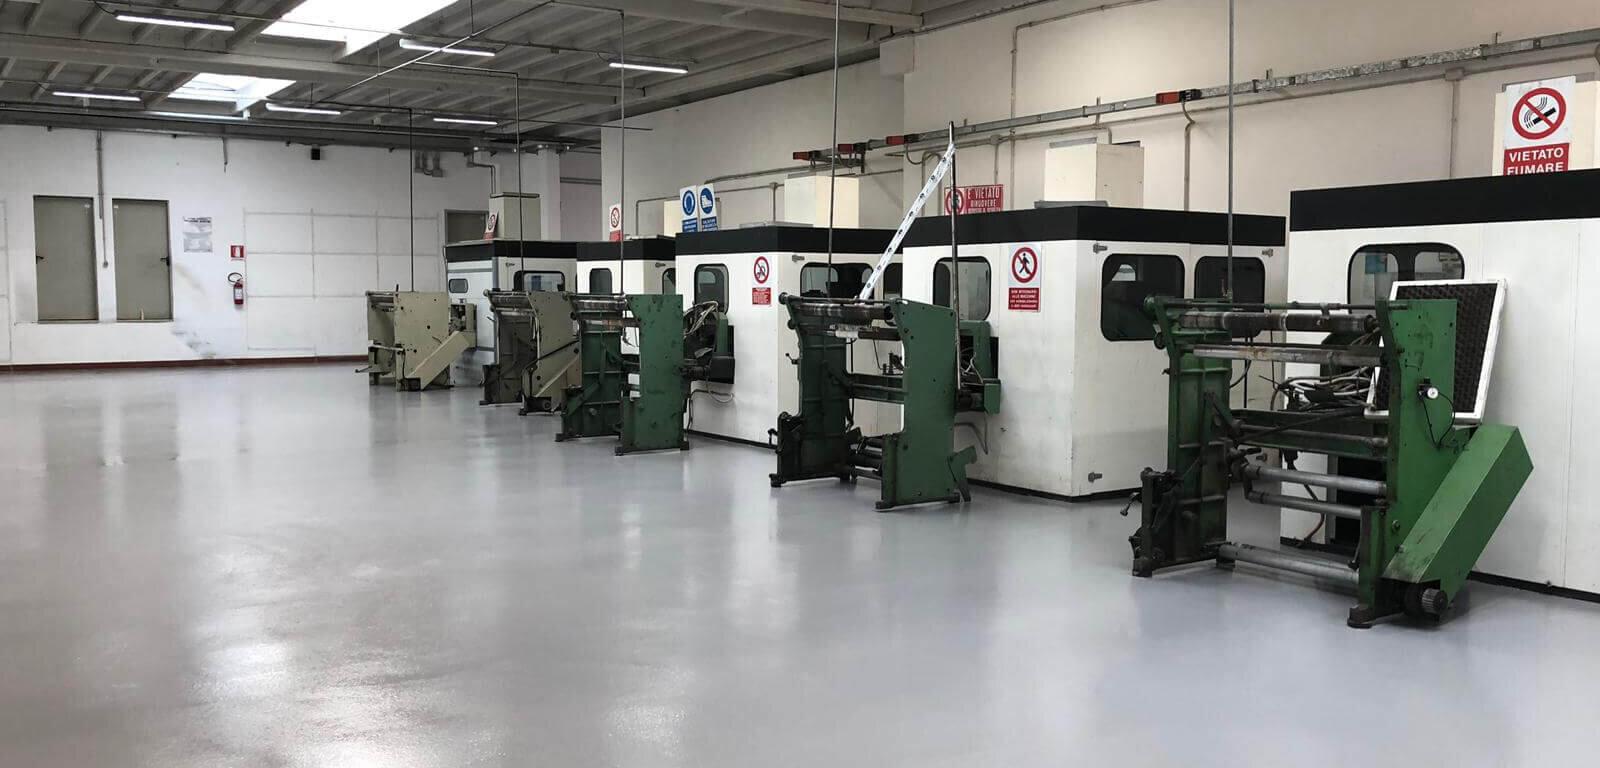 Macchine poggiate su di una superficie in resina all'interno di un'industria pesante padovana.